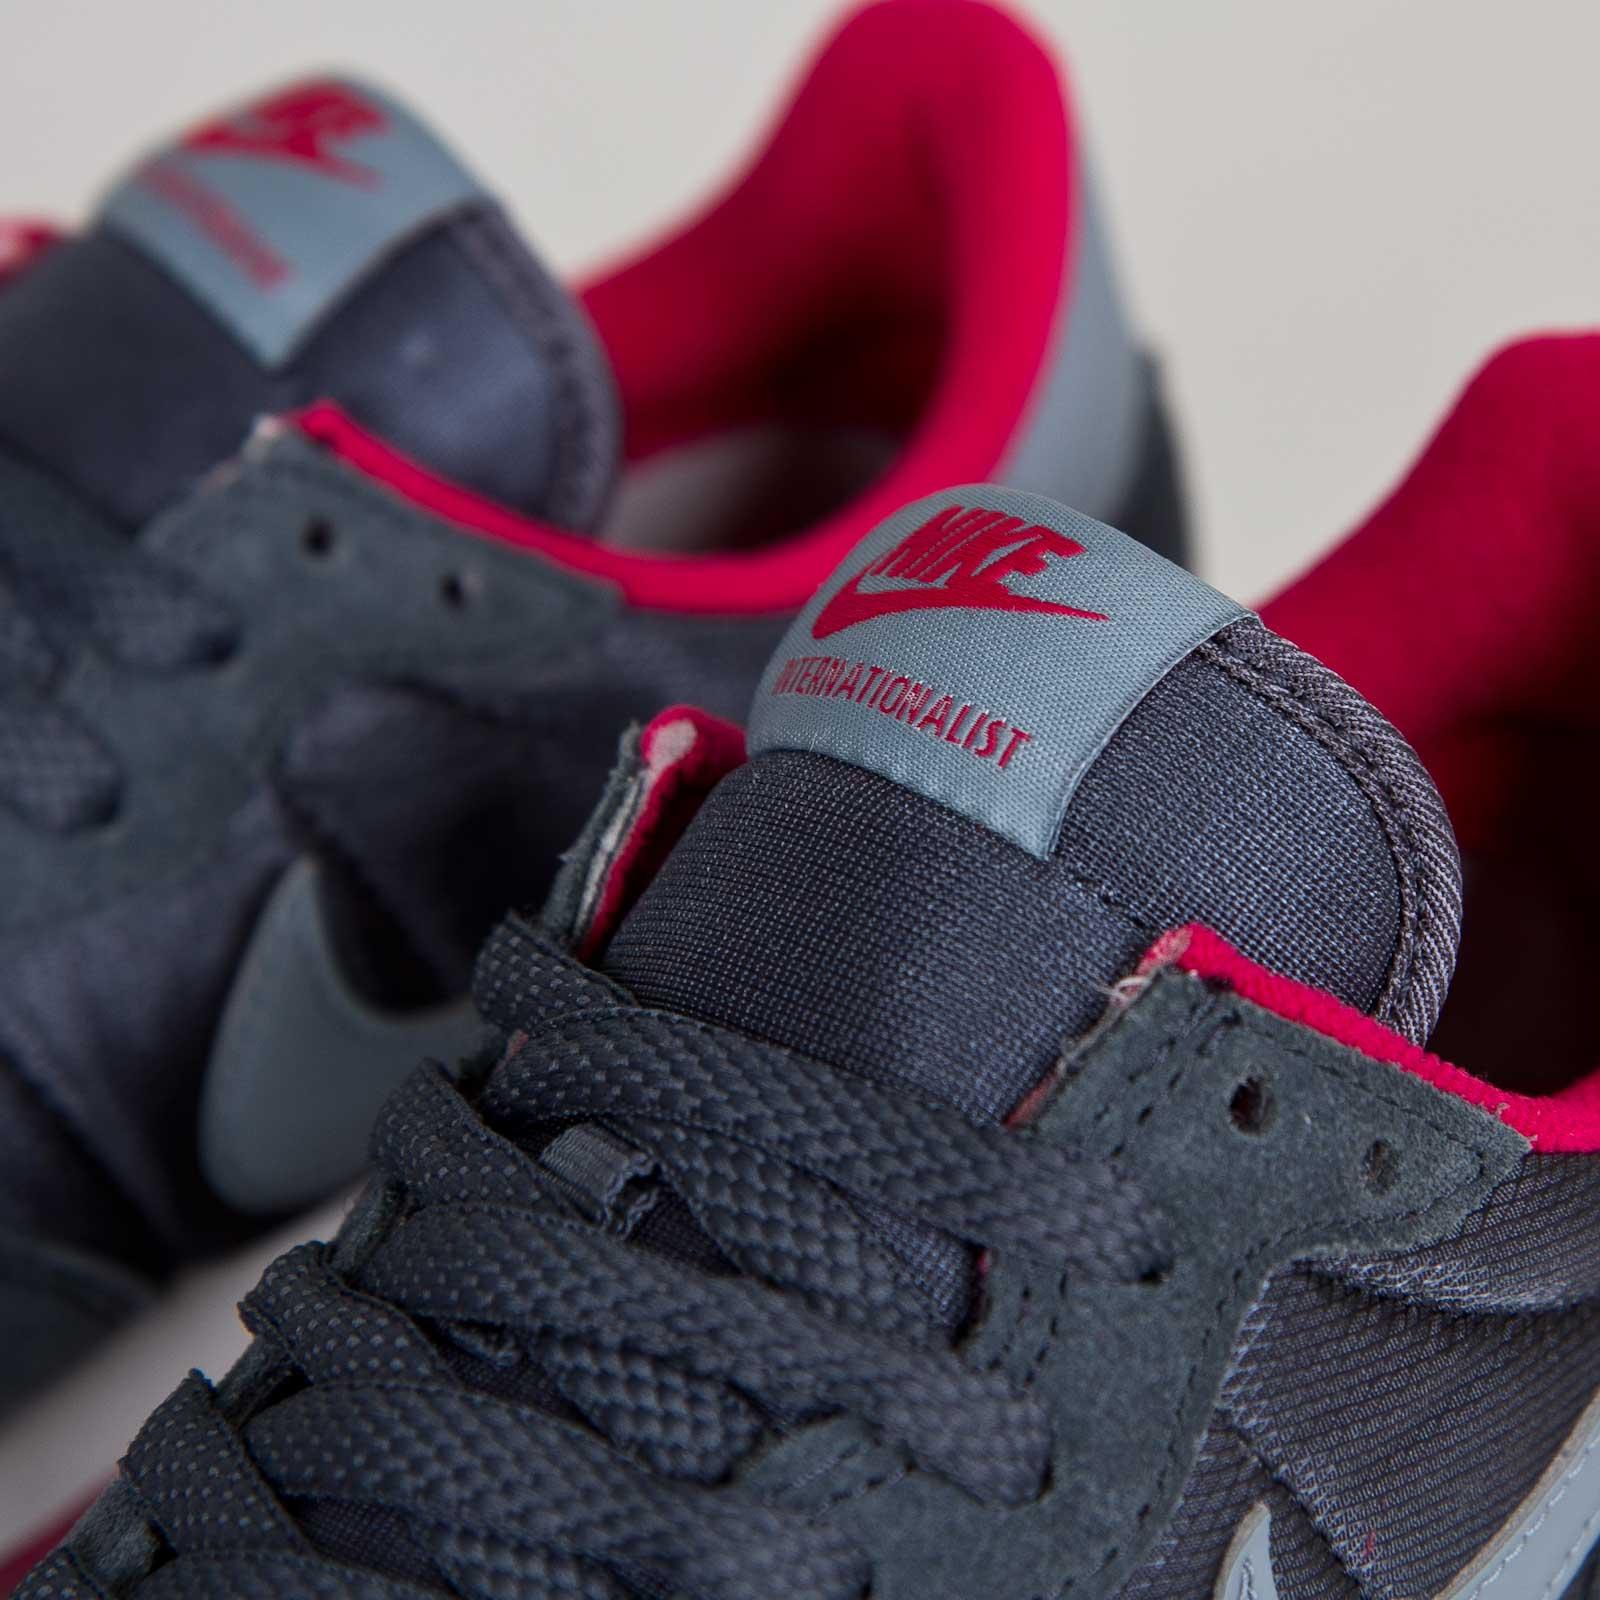 new product b3657 00a46 Nike Wmns Internationalist - 629684-006 - Sneakersnstuff   sneakers    streetwear online since 1999